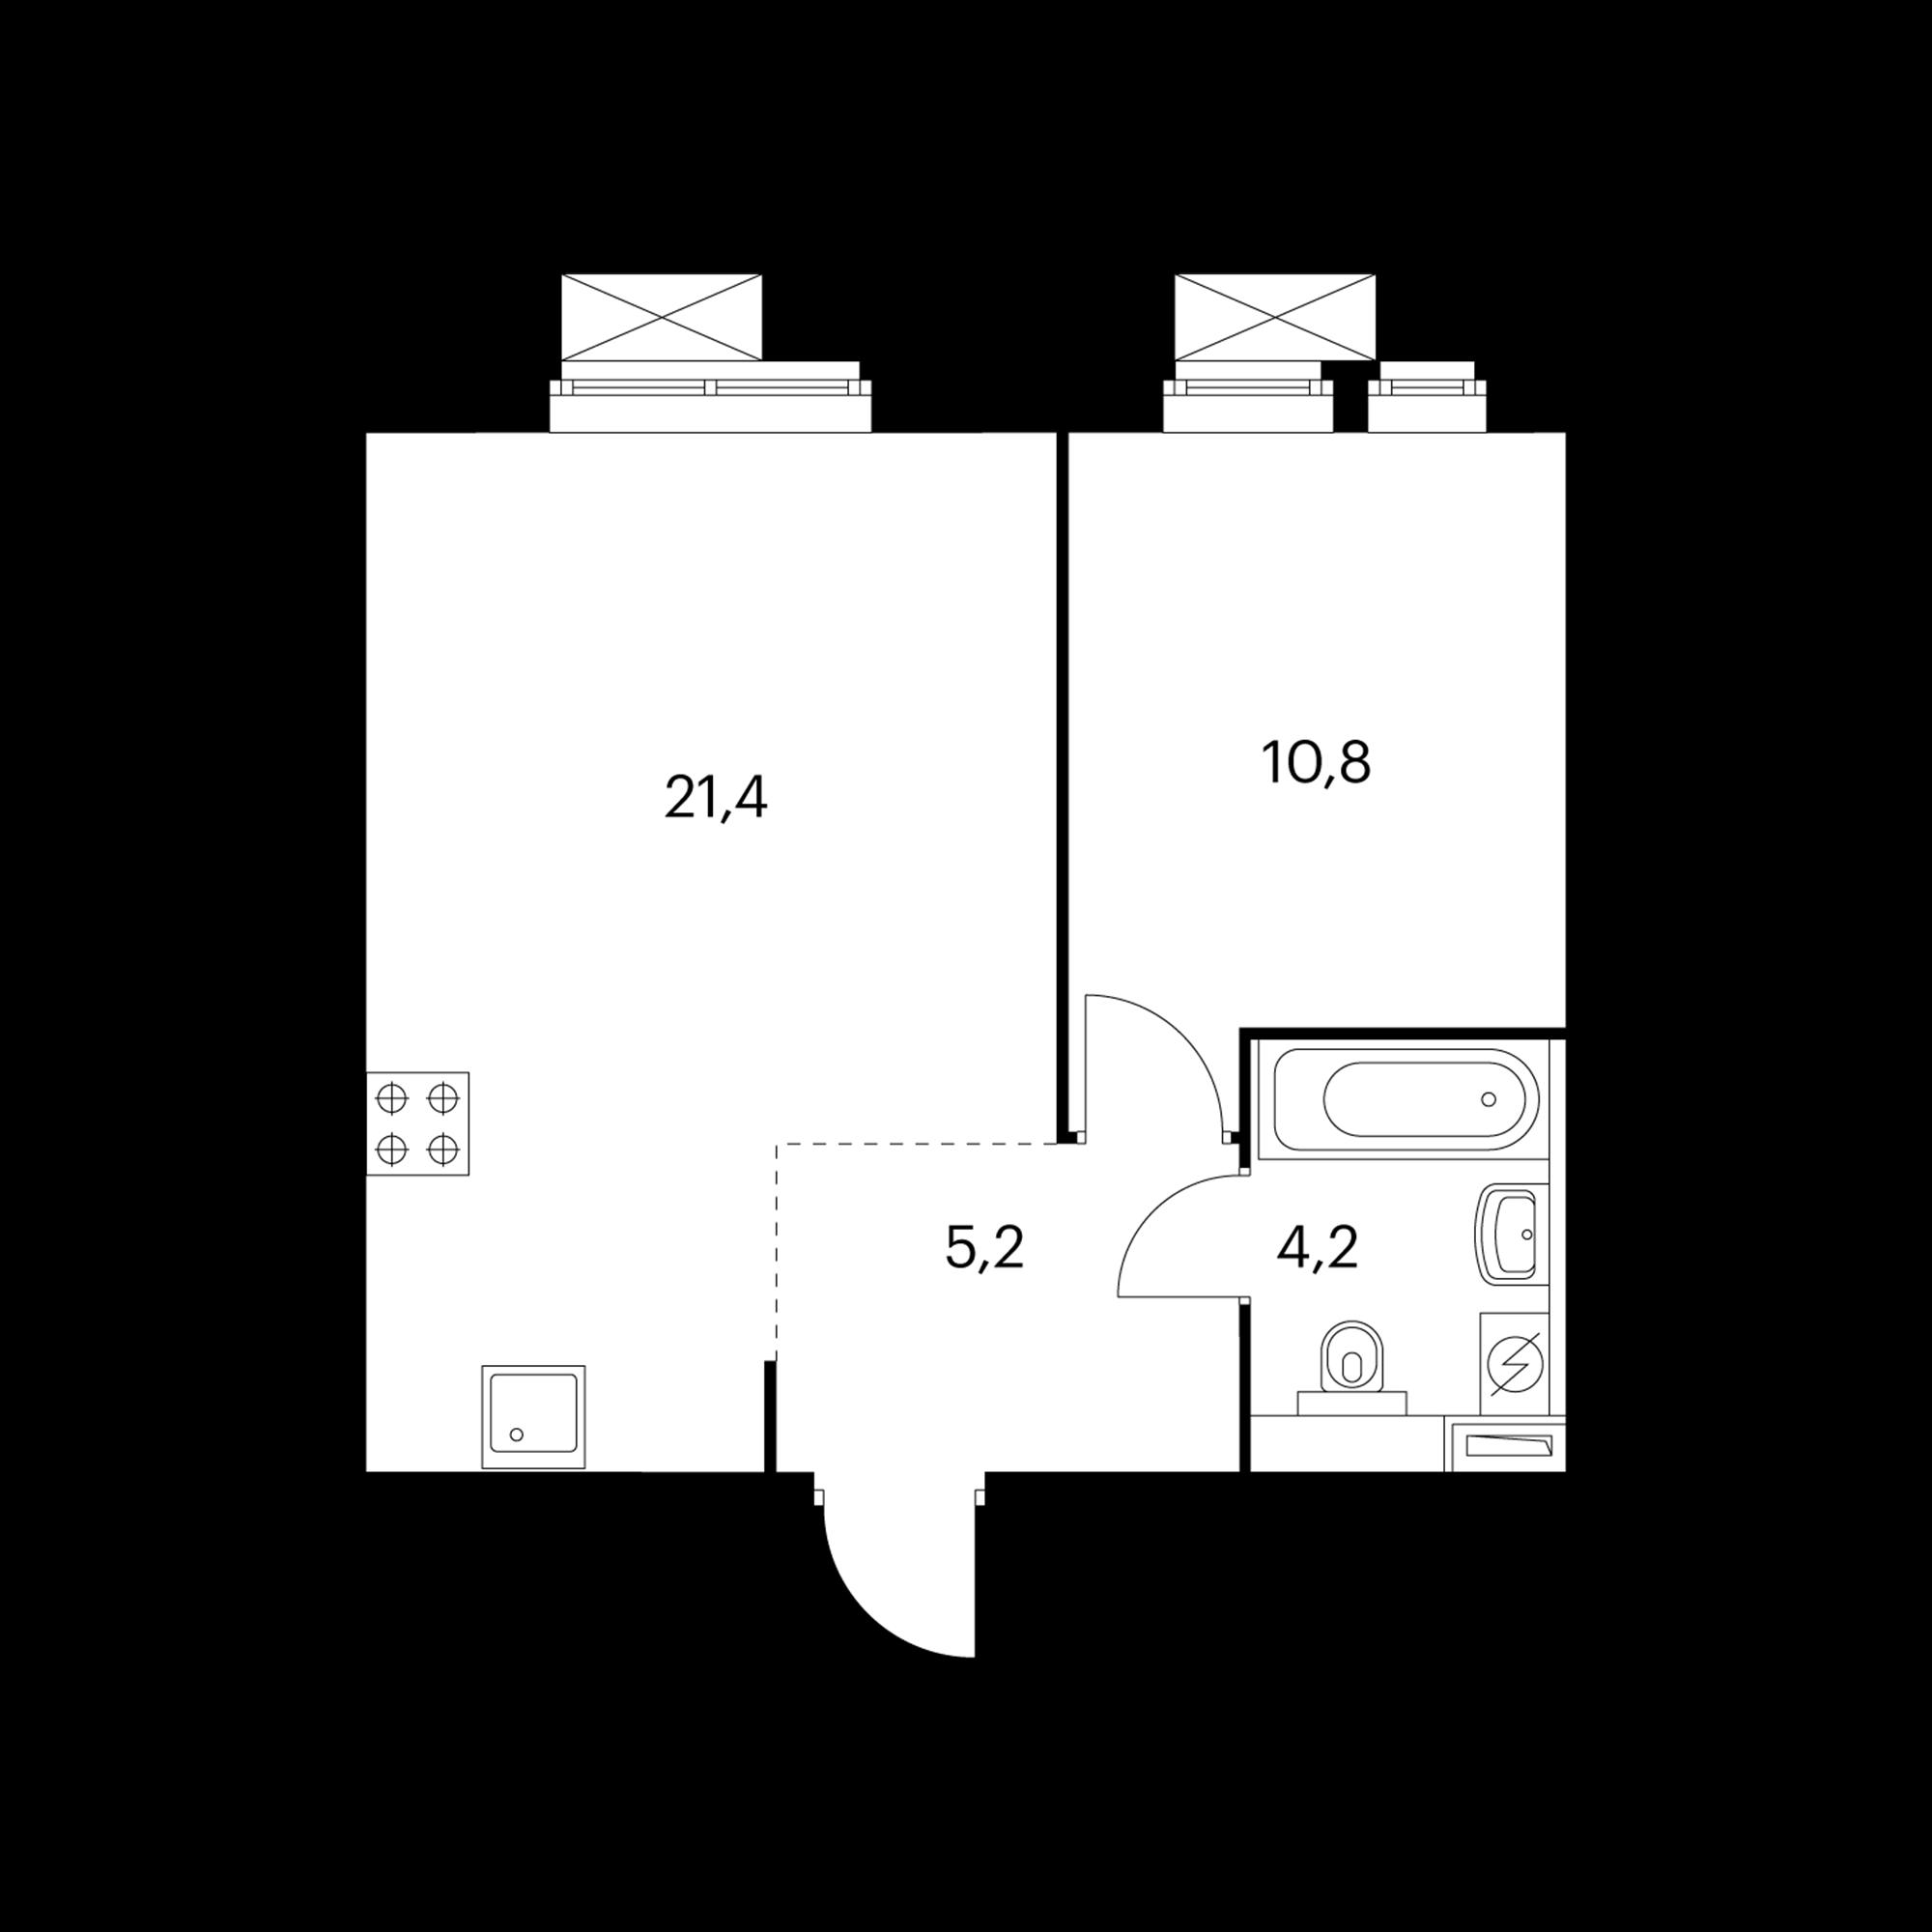 1EL4_7.2-2_S_A1